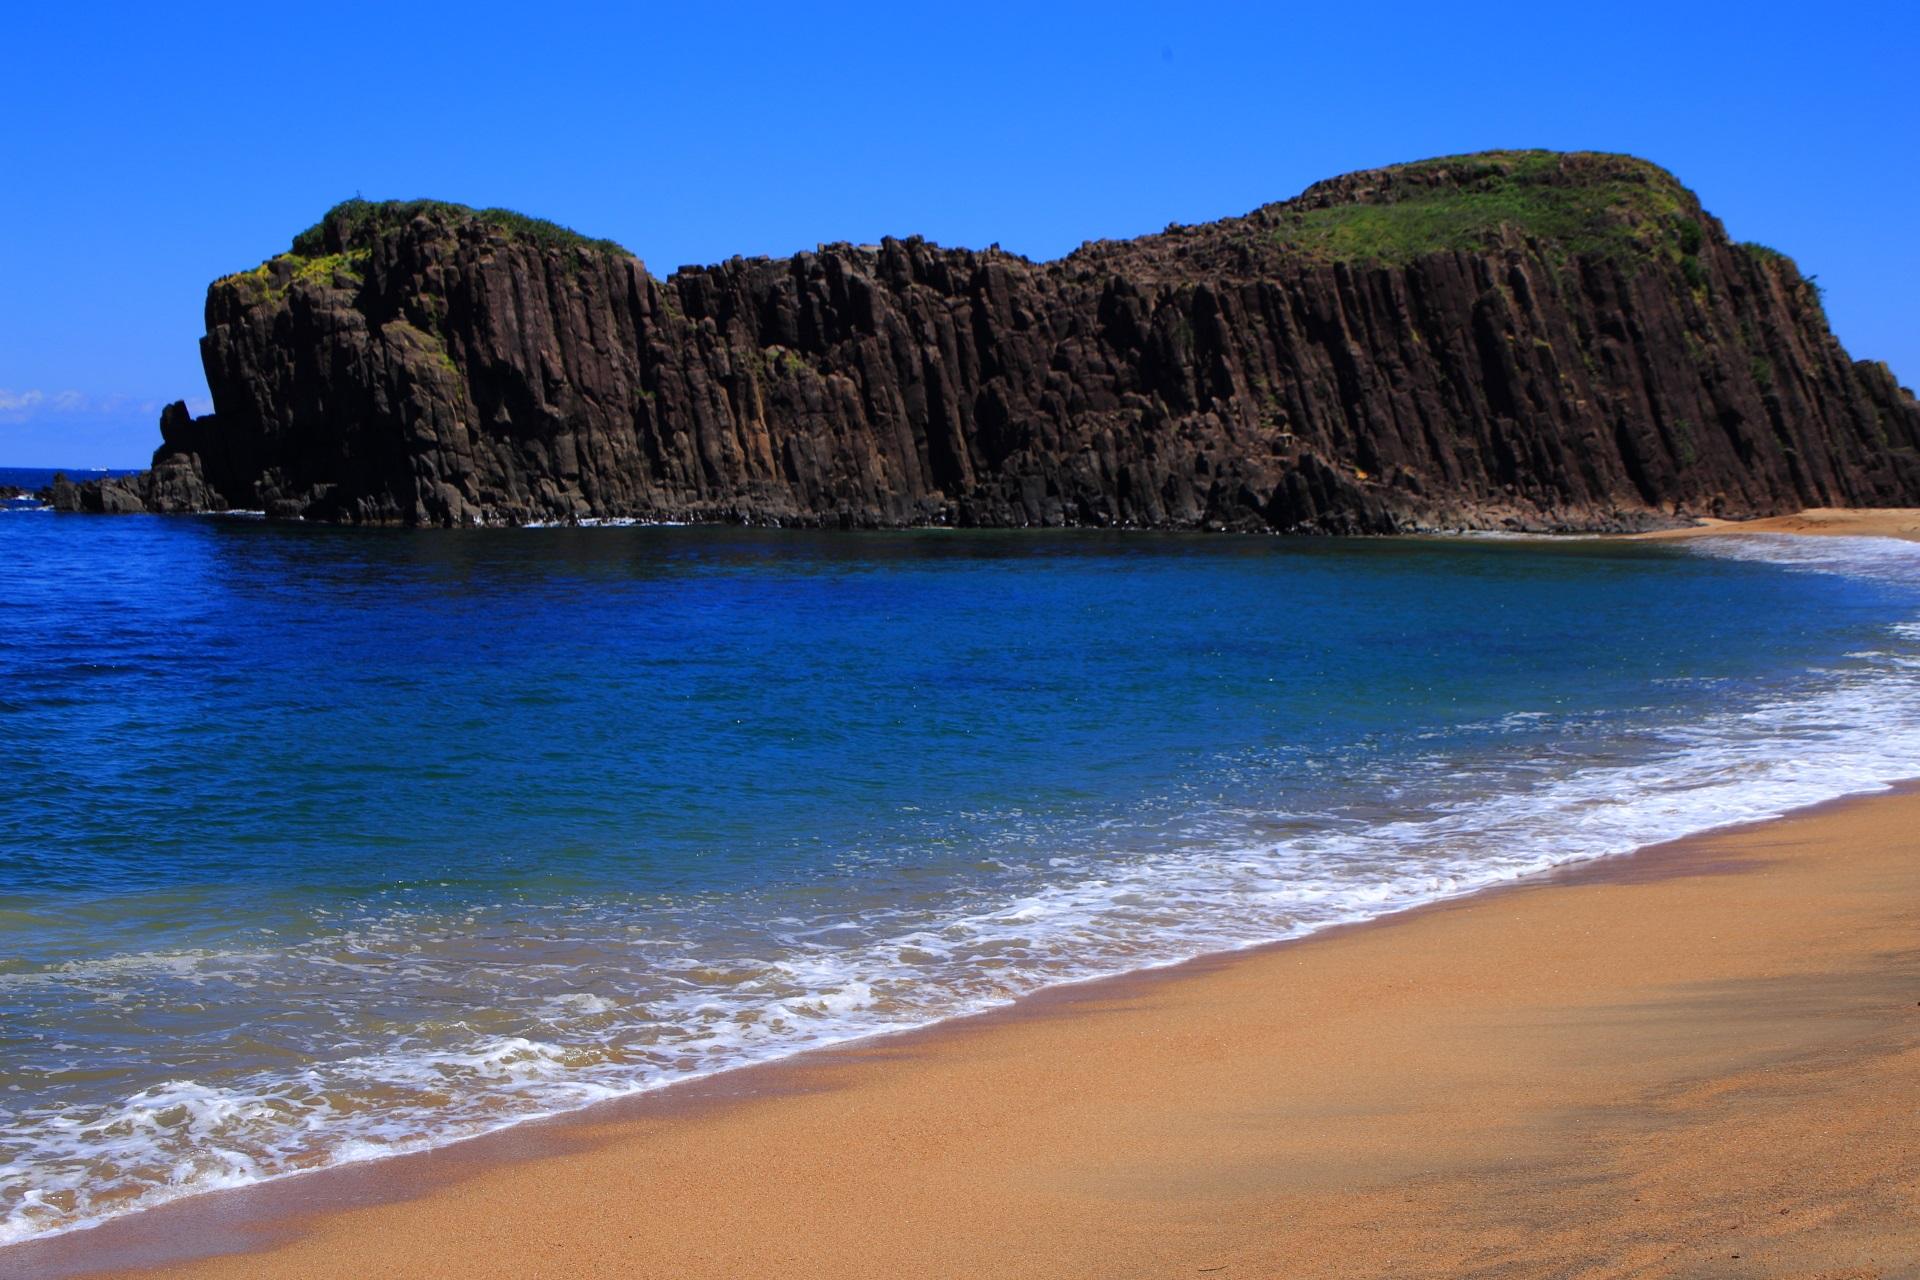 見事な京丹後の名勝の立岩と海